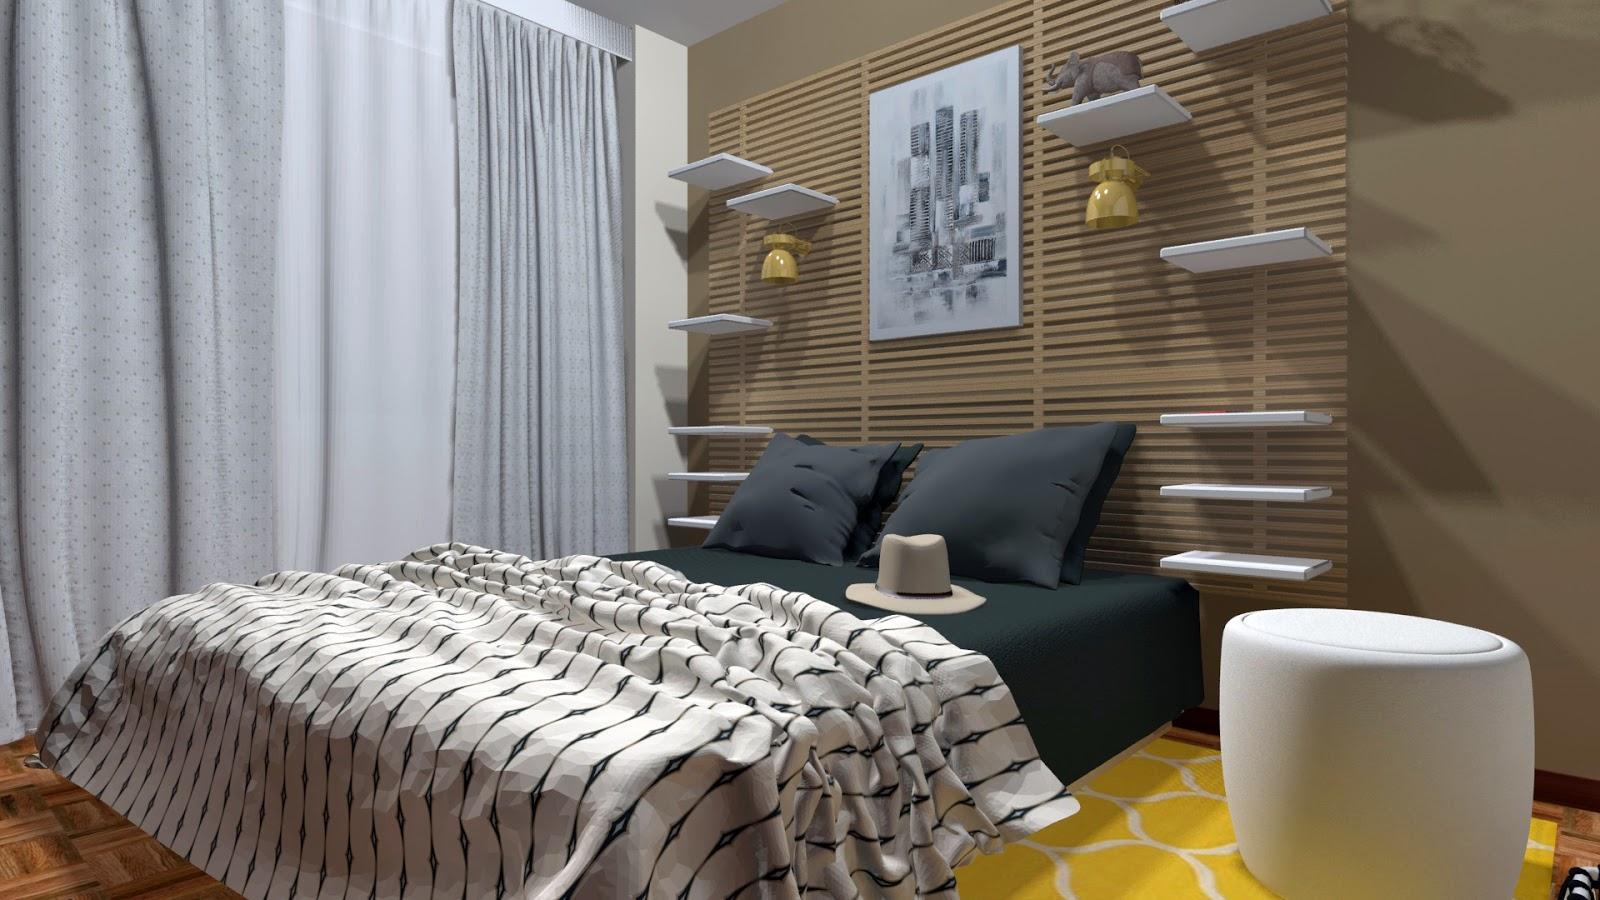 Dise a tu dormitorio ikea 3d casa dise o - Disena tu habitacion ...